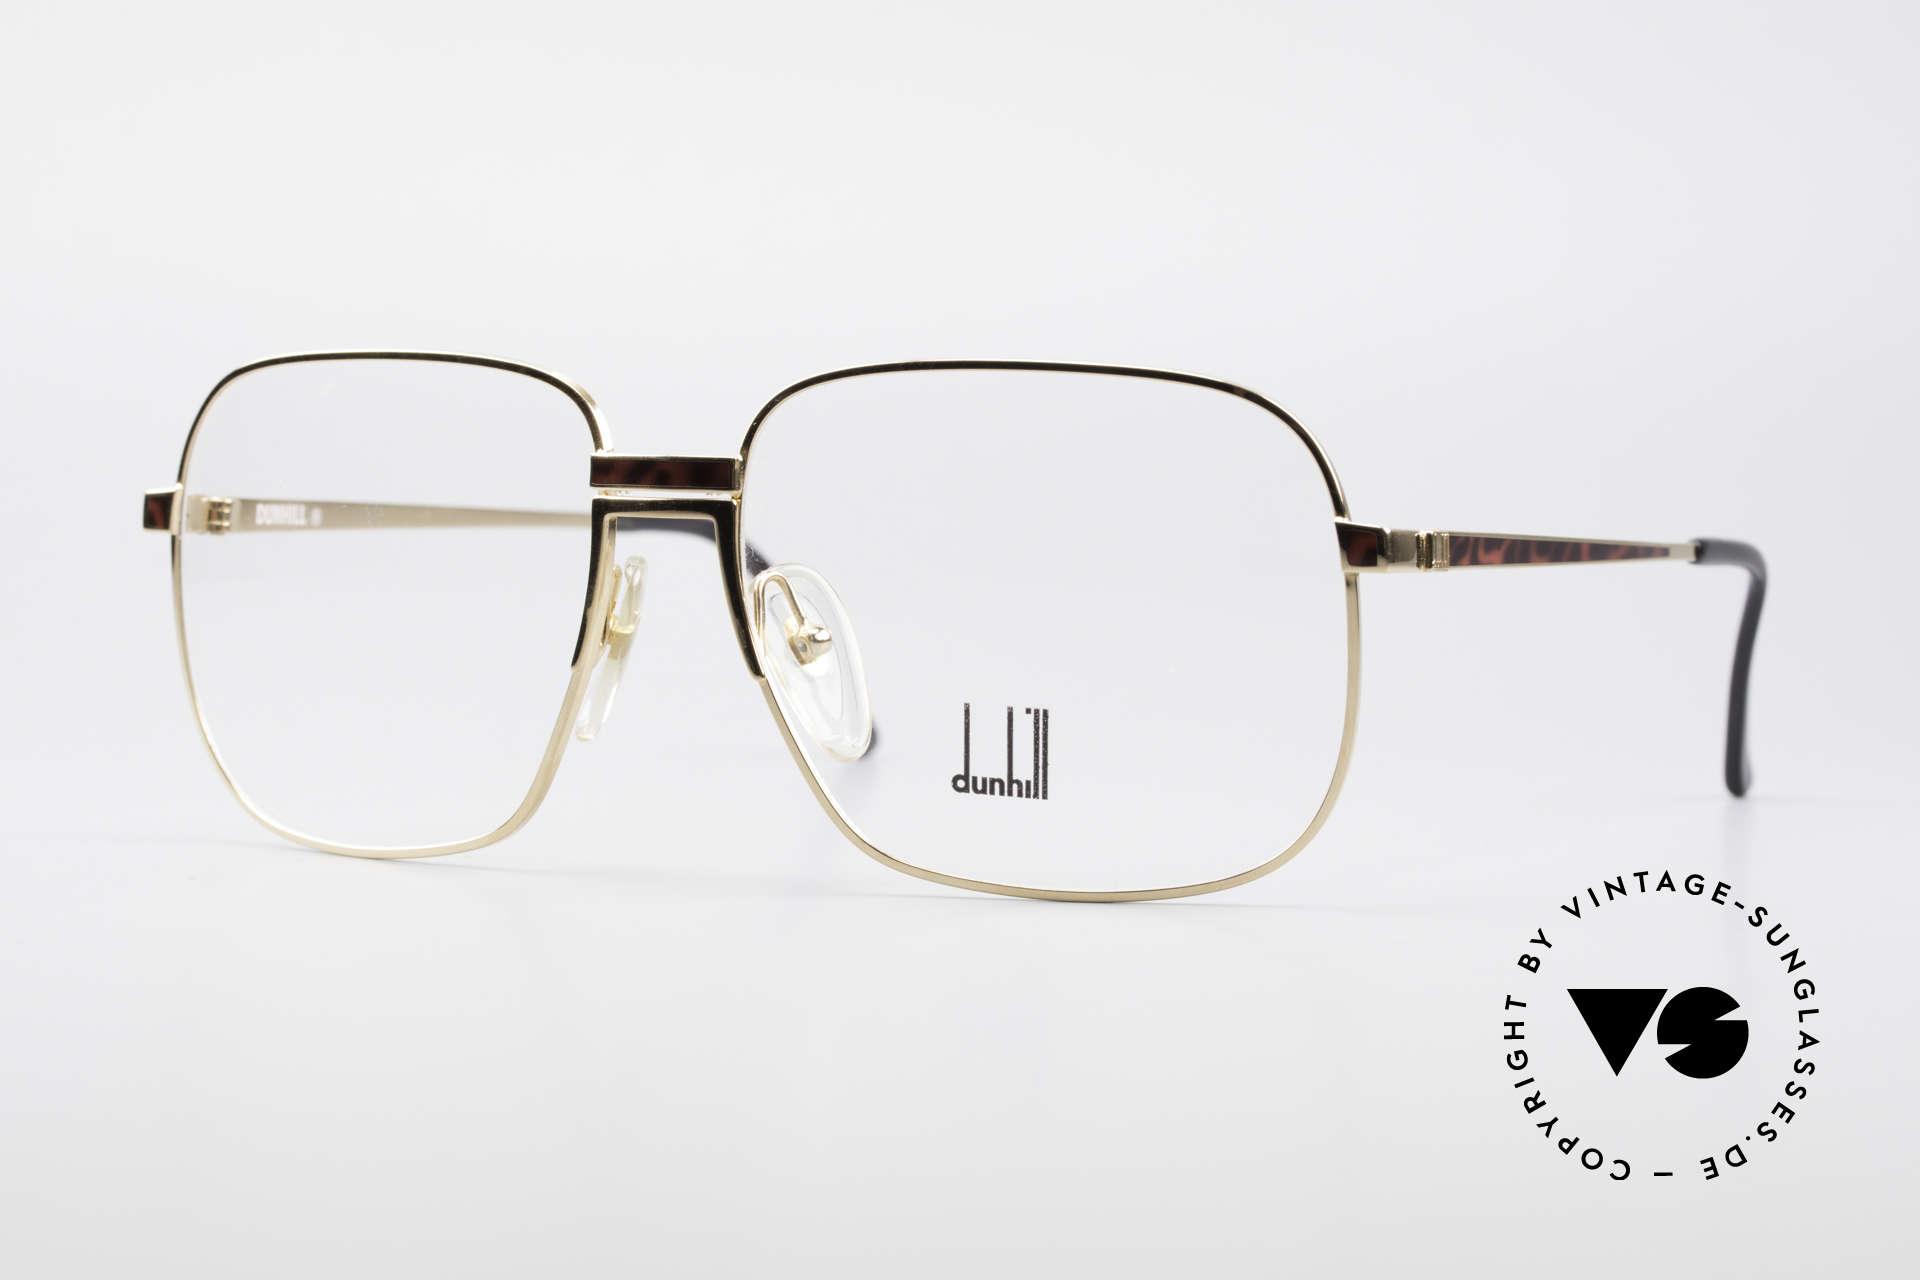 Dunhill 6090 Chinalack 90er Herrenbrille, vintage A. Dunhill Gentleman-Brillenfassung v. 1990, Passend für Herren